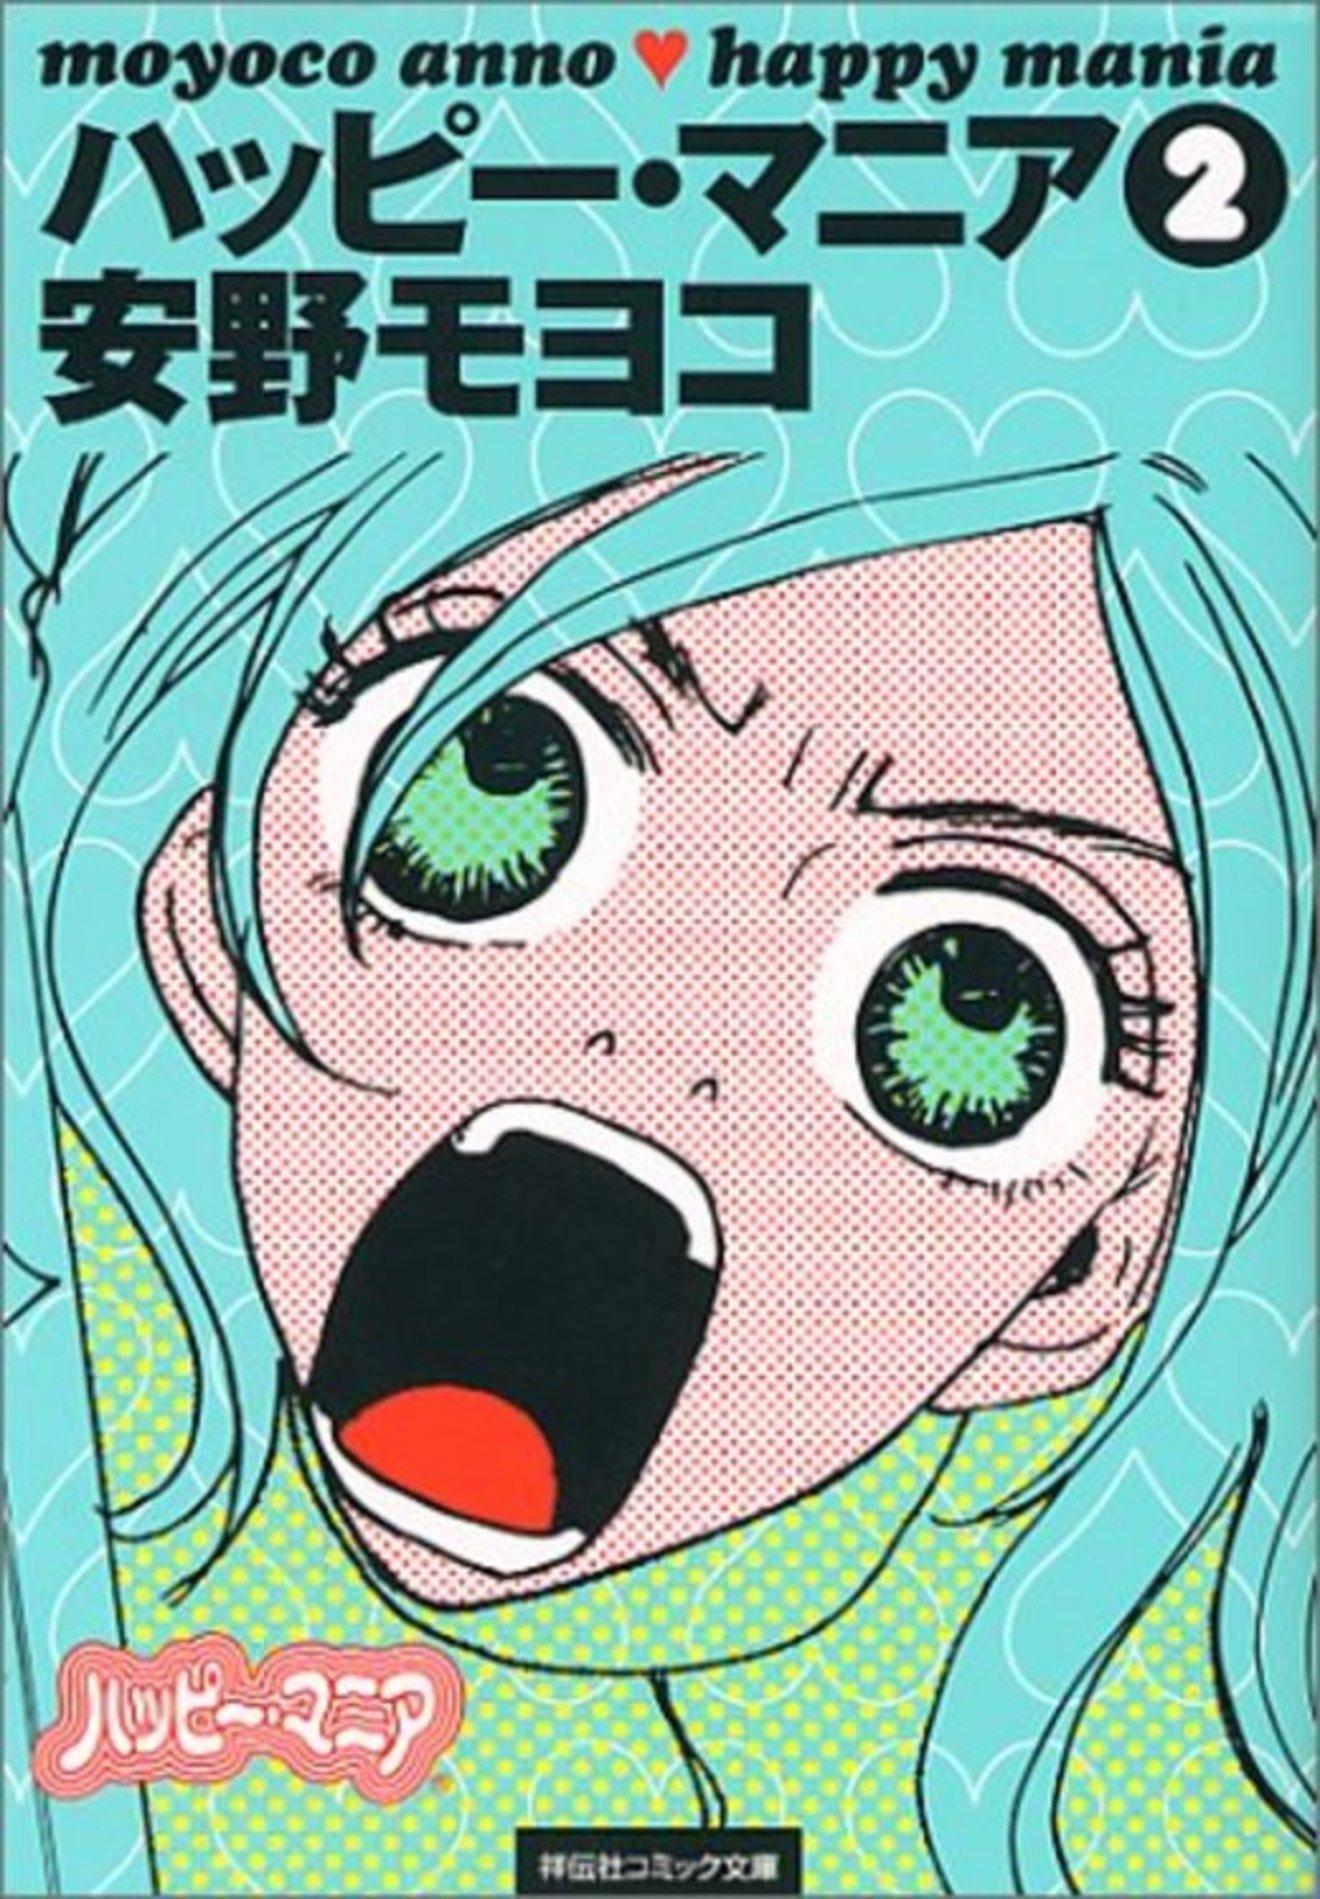 『ハッピー・マニア』に全女子震撼!共感度抜群の恋愛漫画をネタバレ紹介